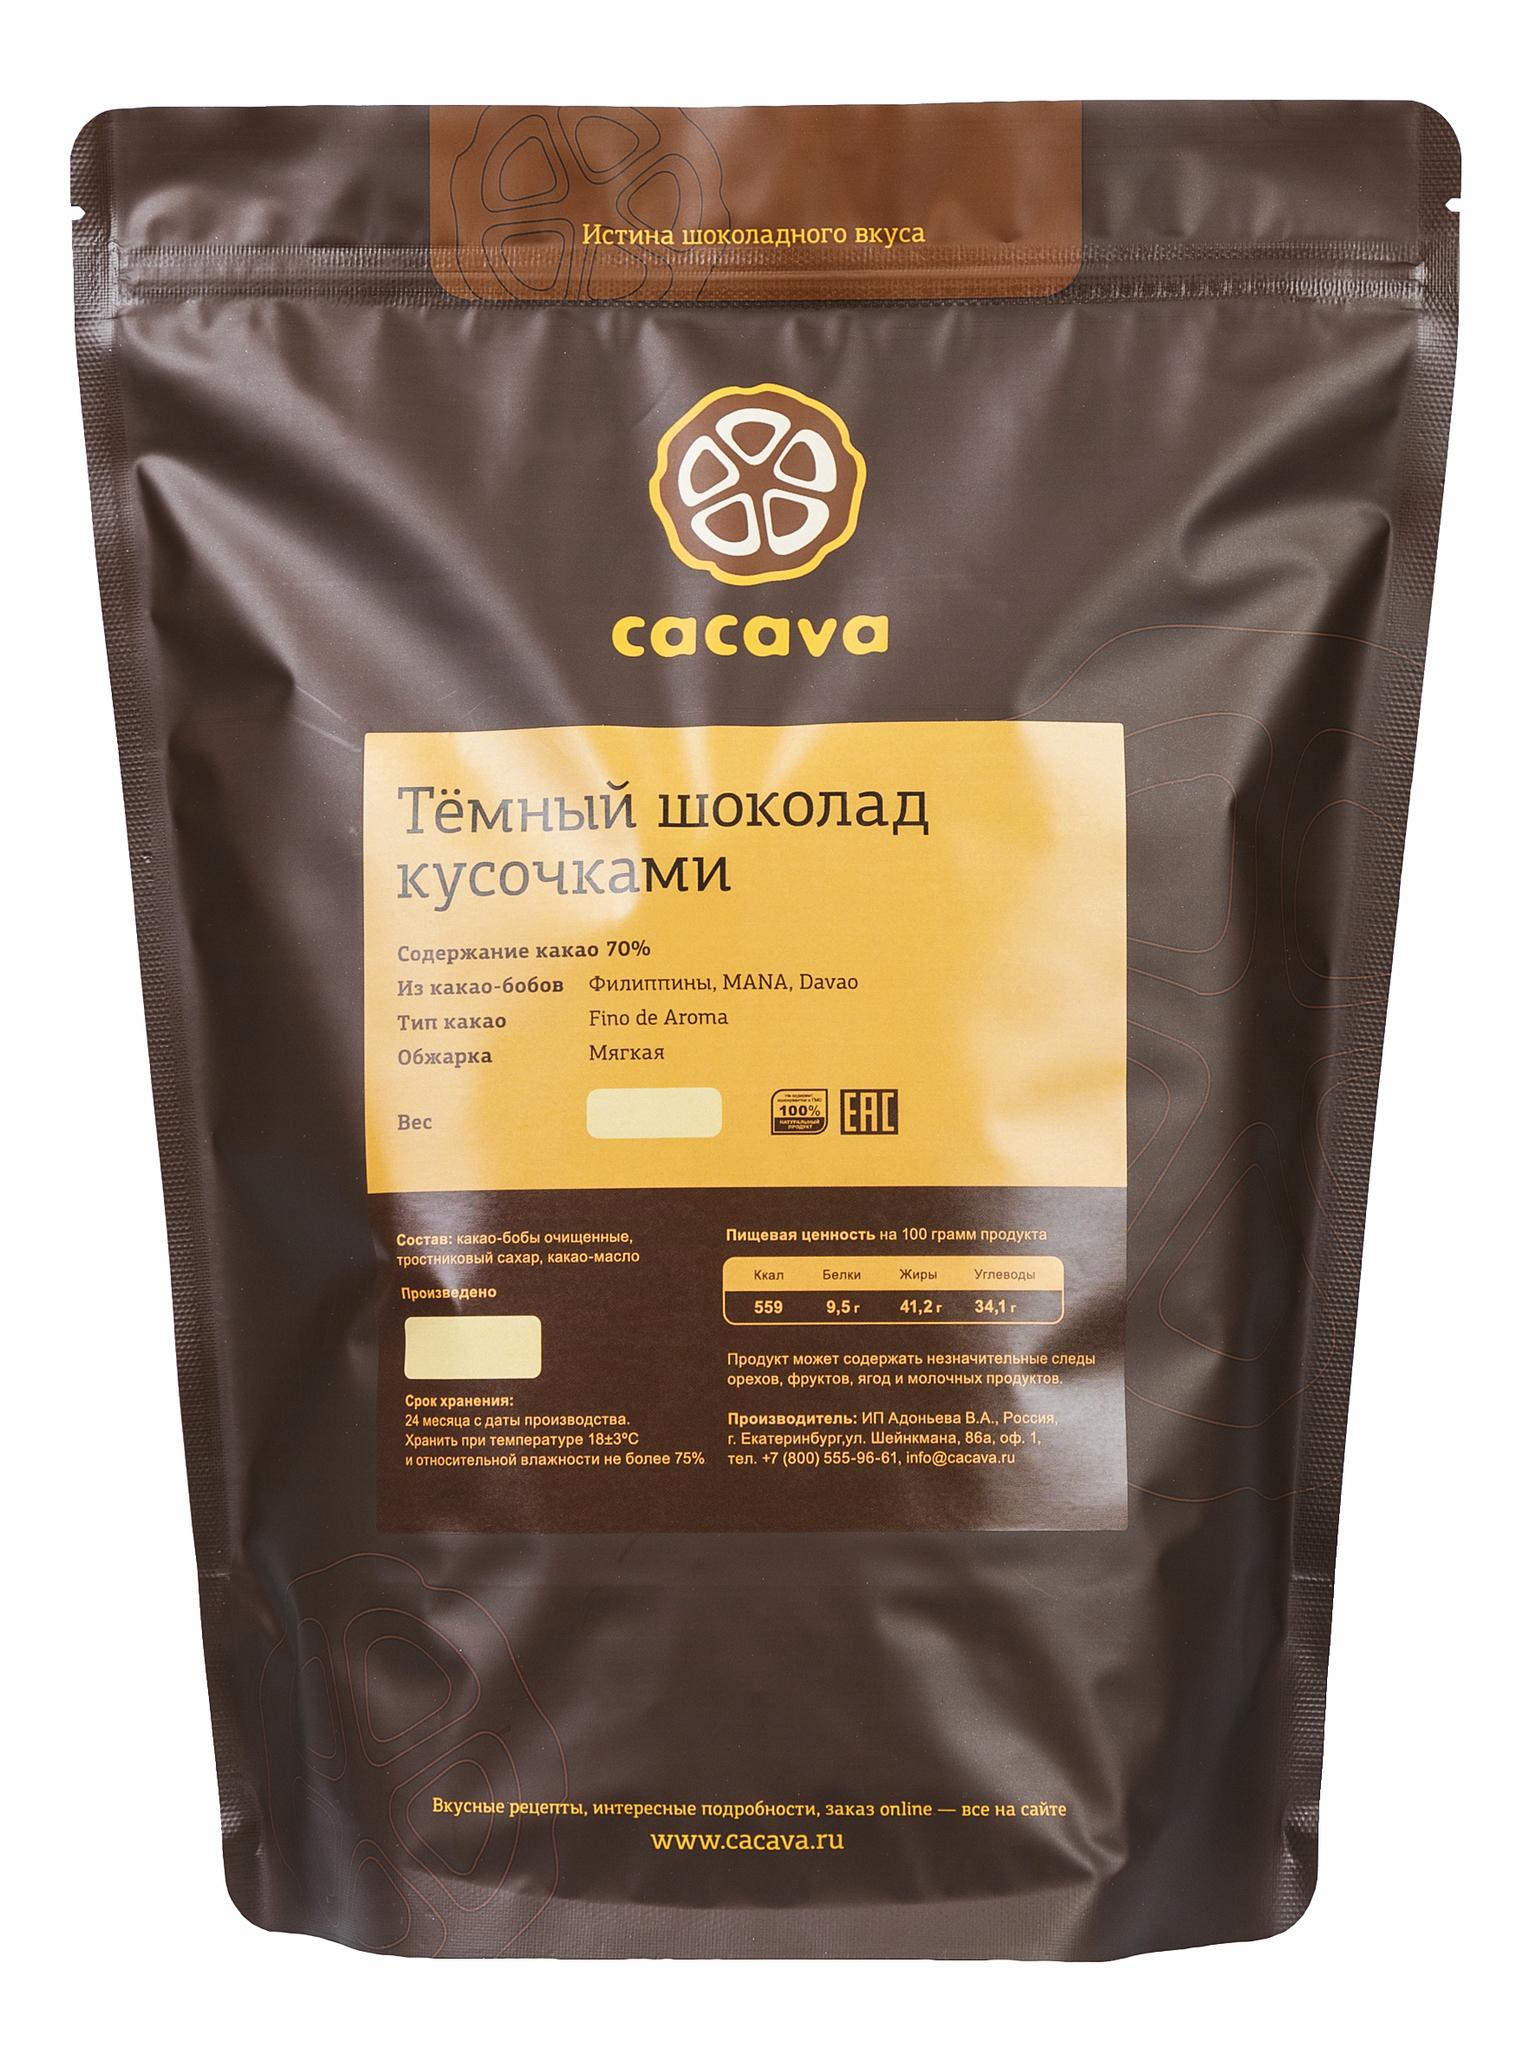 Тёмный шоколад 70 % какао (Филиппины, MANA), упаковка 1 кг